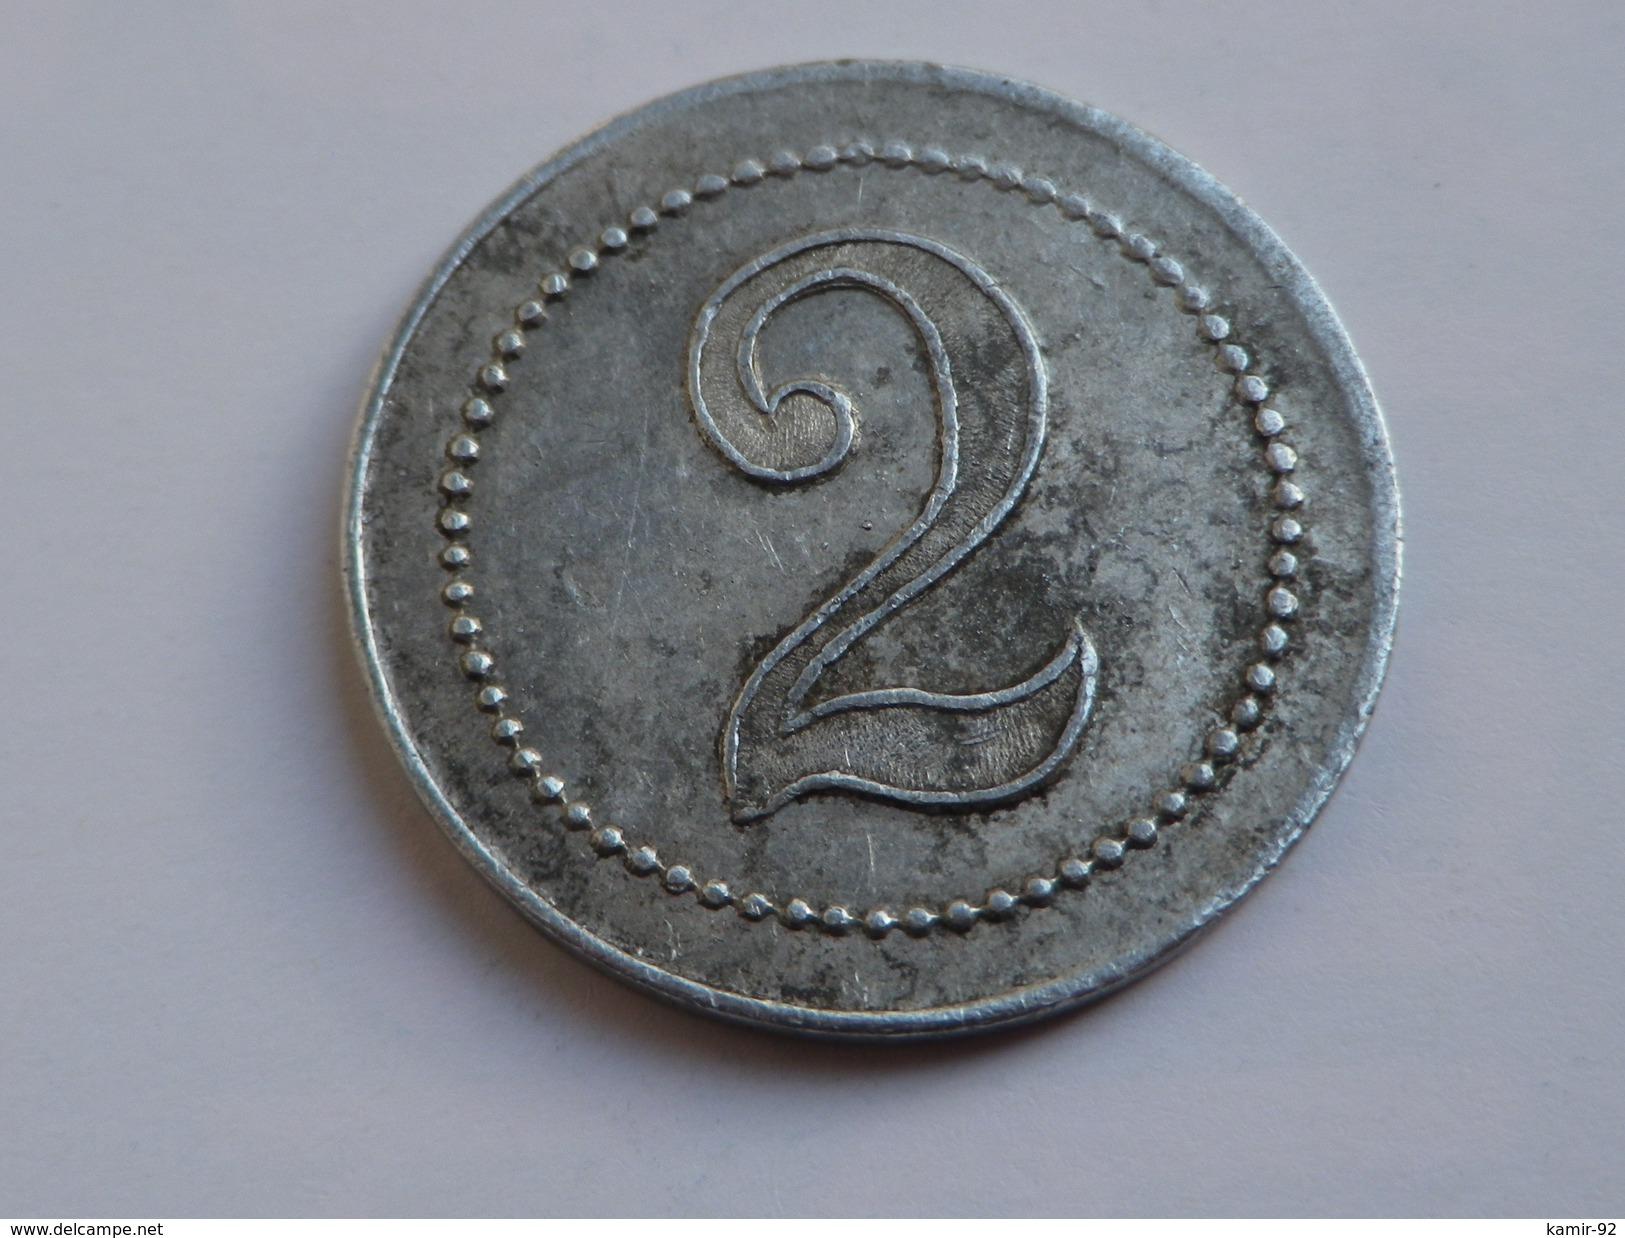 Monnaie Nécessité Jeton Belgique LA FRATERNELLE MOUSCRON CHARBON  2cts Alu - Monetari / Di Necessità